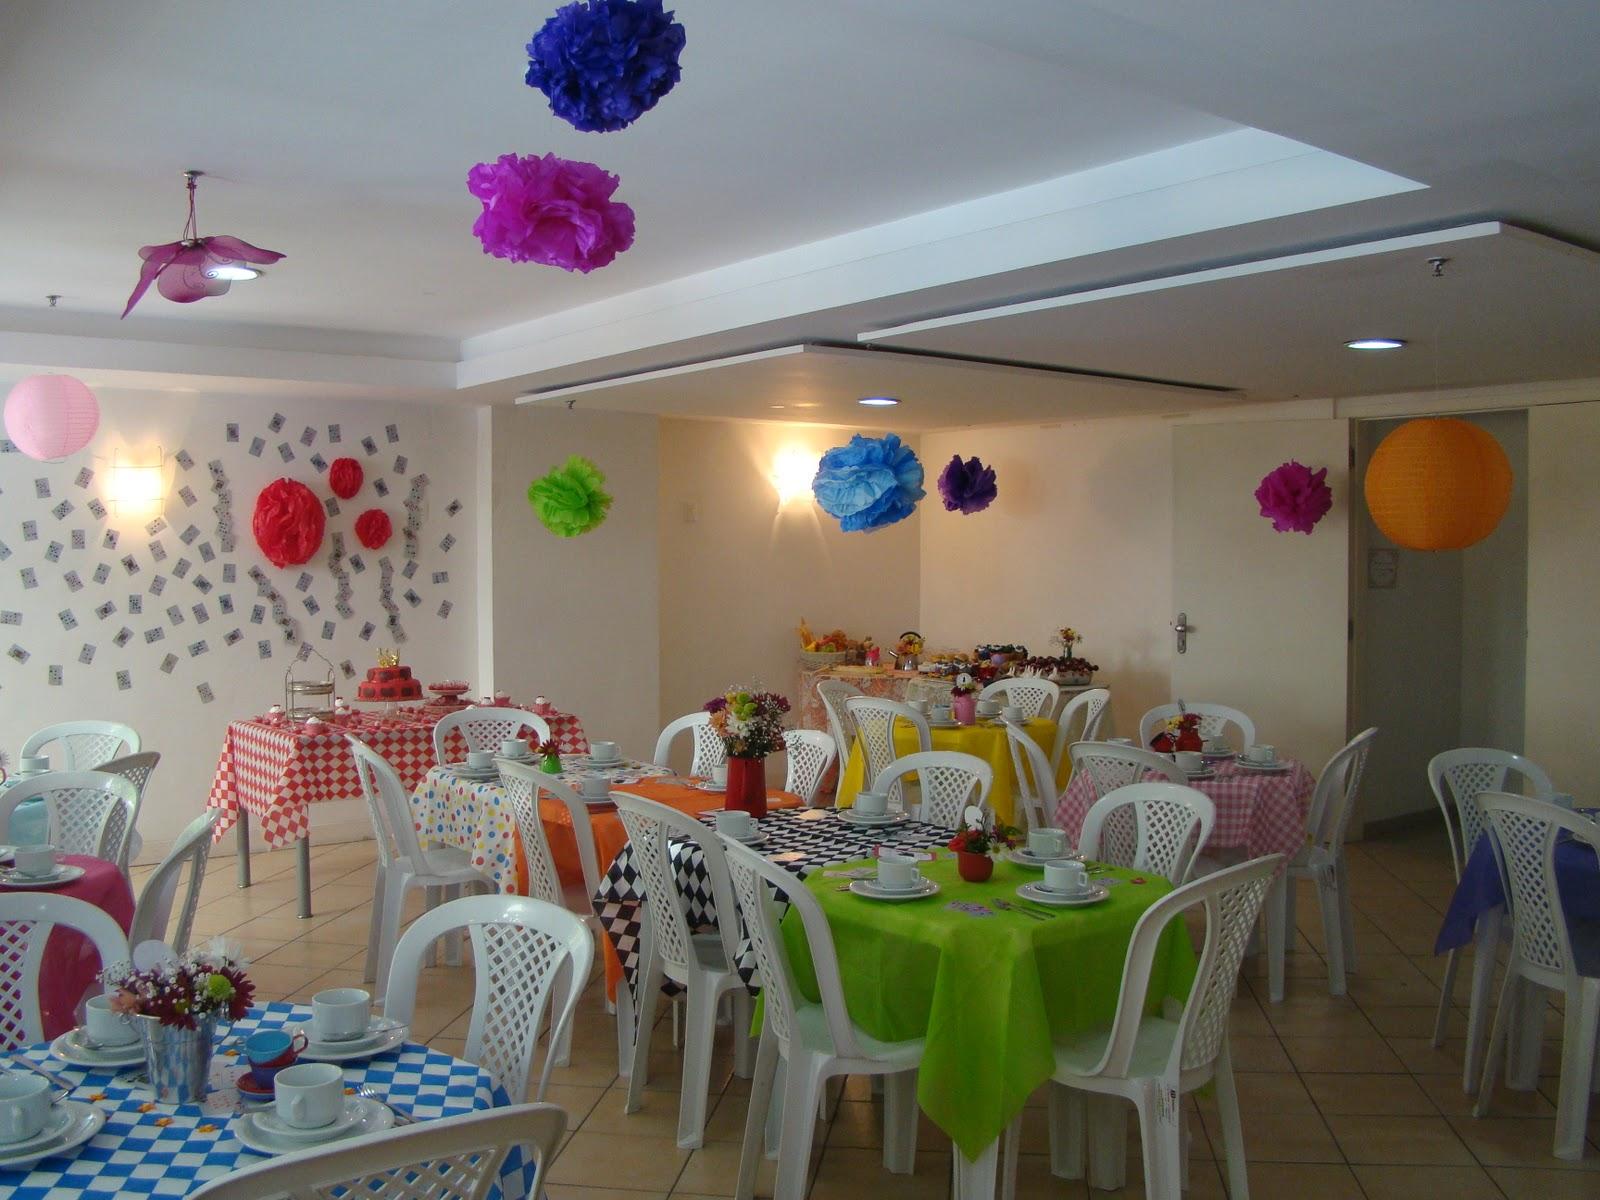 decoracao festa simples:Woncakes – Doces Fantásticos!: Dicas de Decoração – Chá de Alice